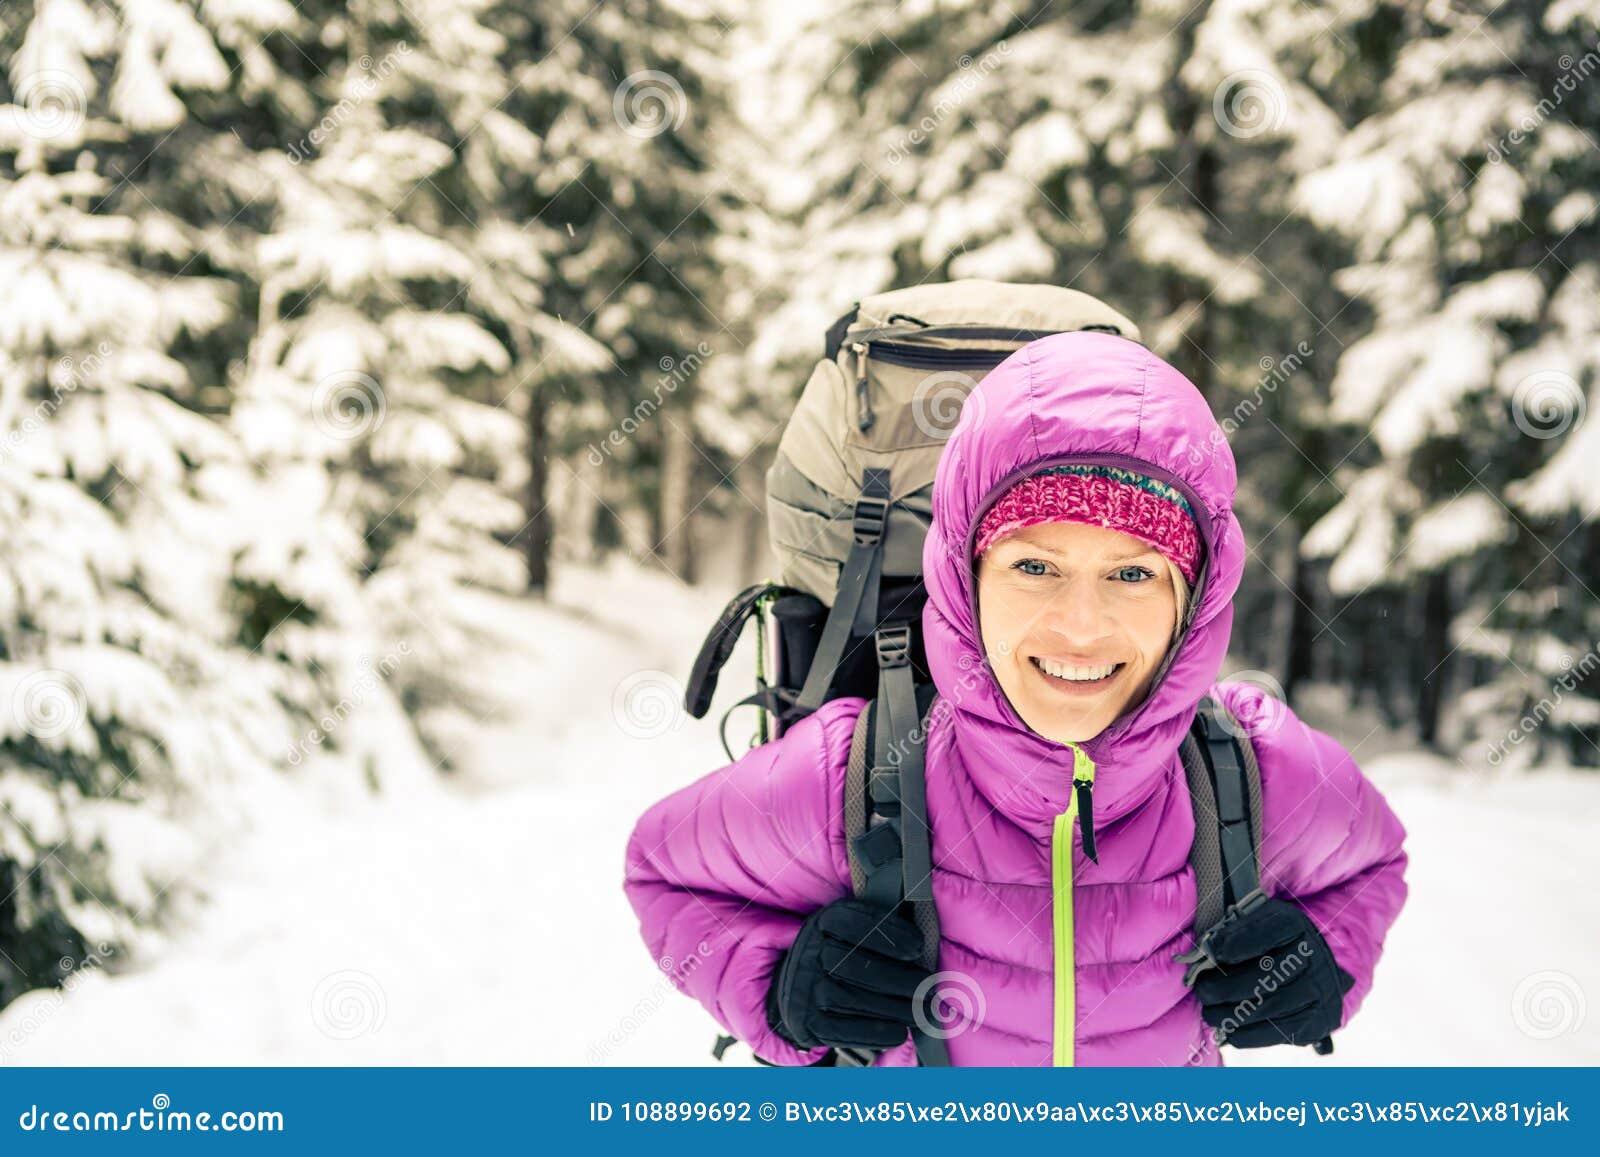 D'hiver Le Dans Forêt Sac Marchant Dos La Heureuse À Avec Femme qUzVSpM